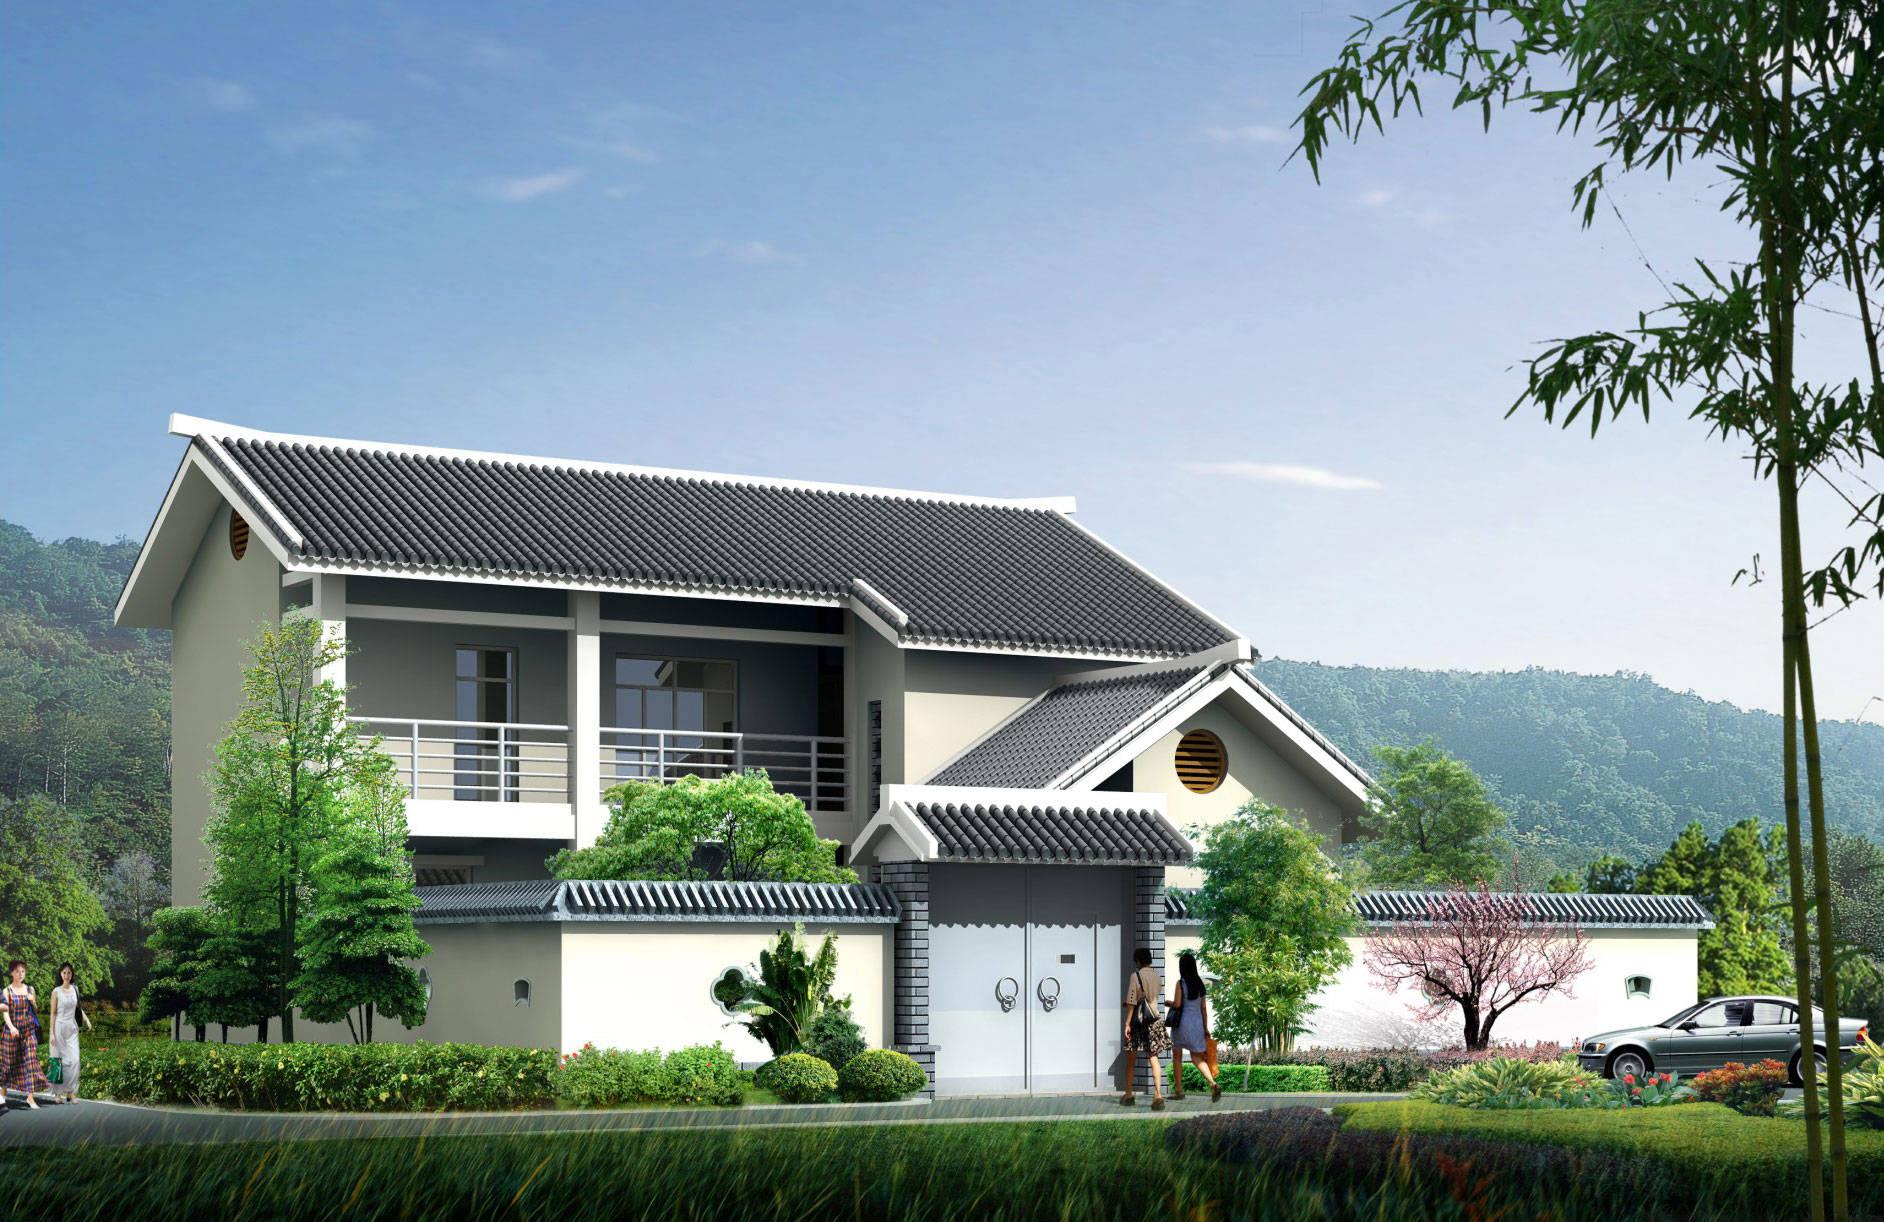 新农村自建房设计图纸cad全套 别墅一层三层二层联排效果图施工